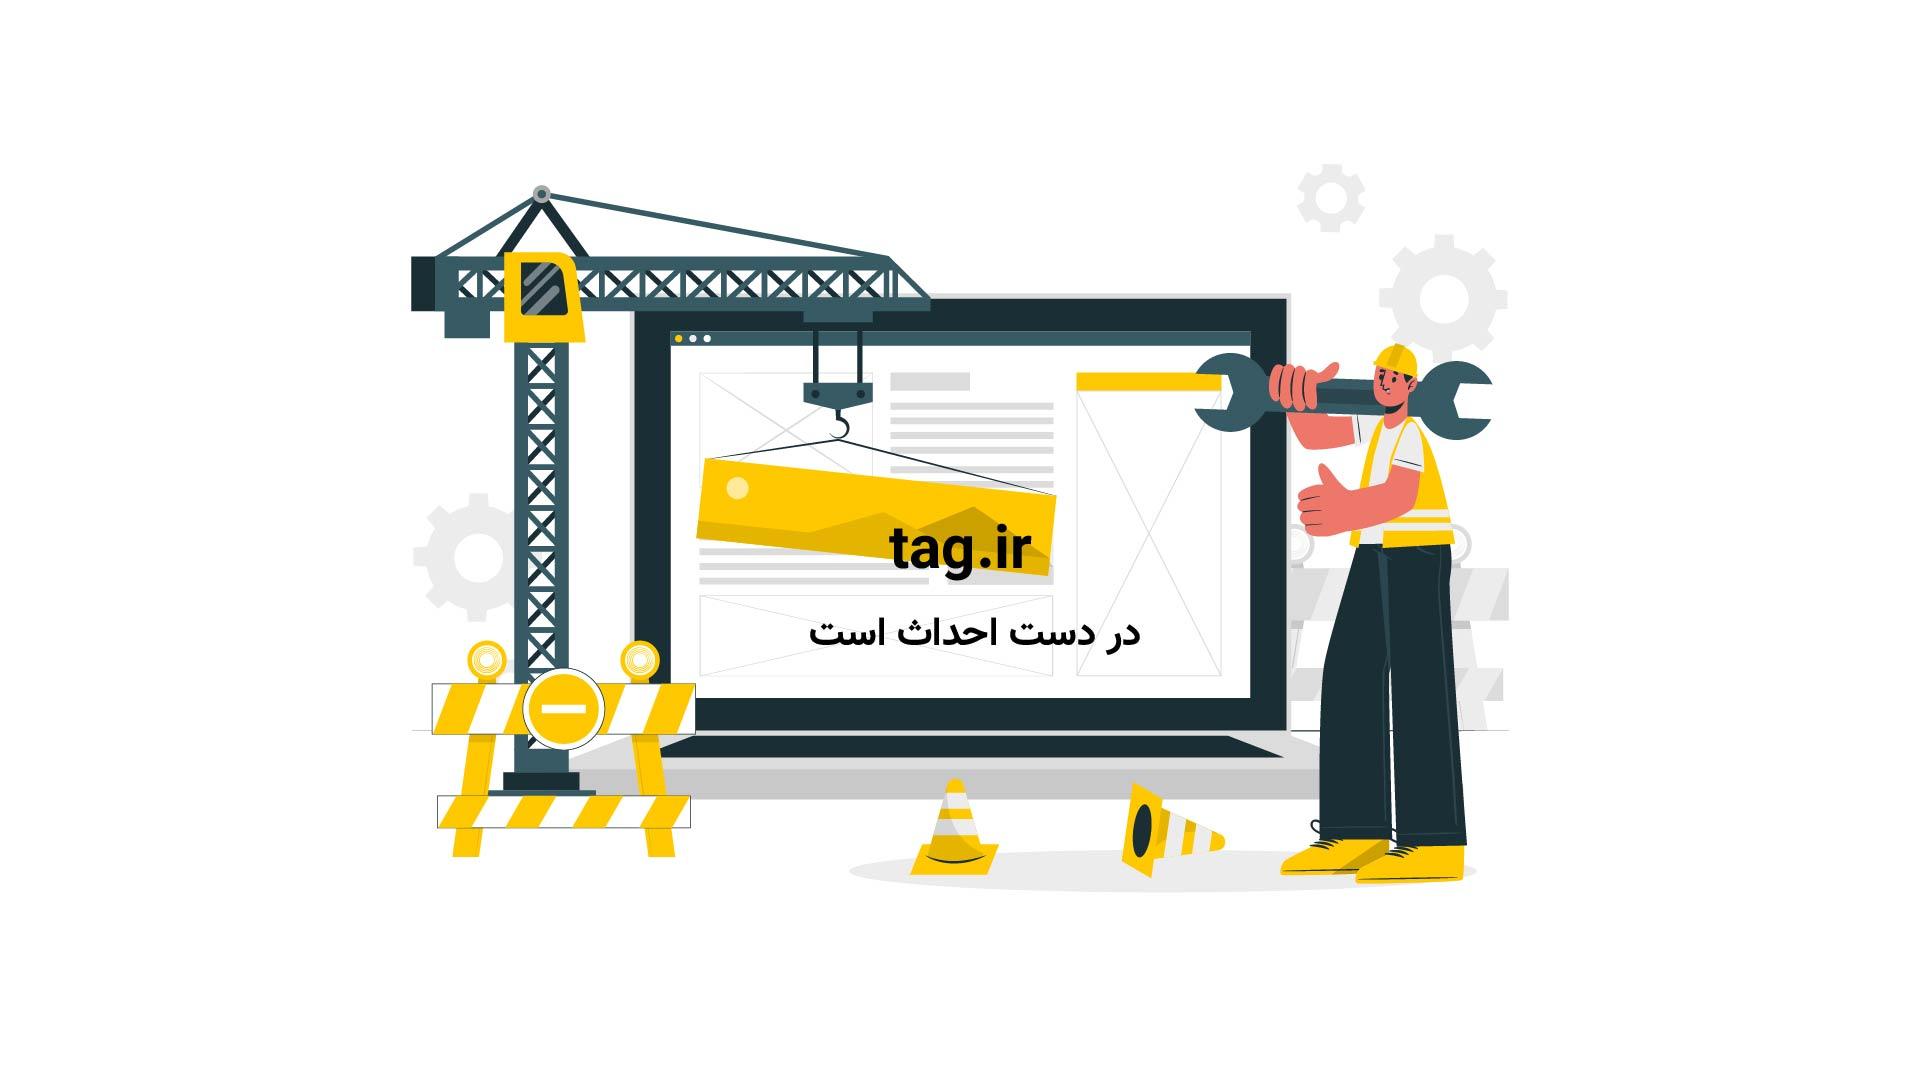 عناوین روزنامههای صبح سهشنبه 21 شهریور | فیلم